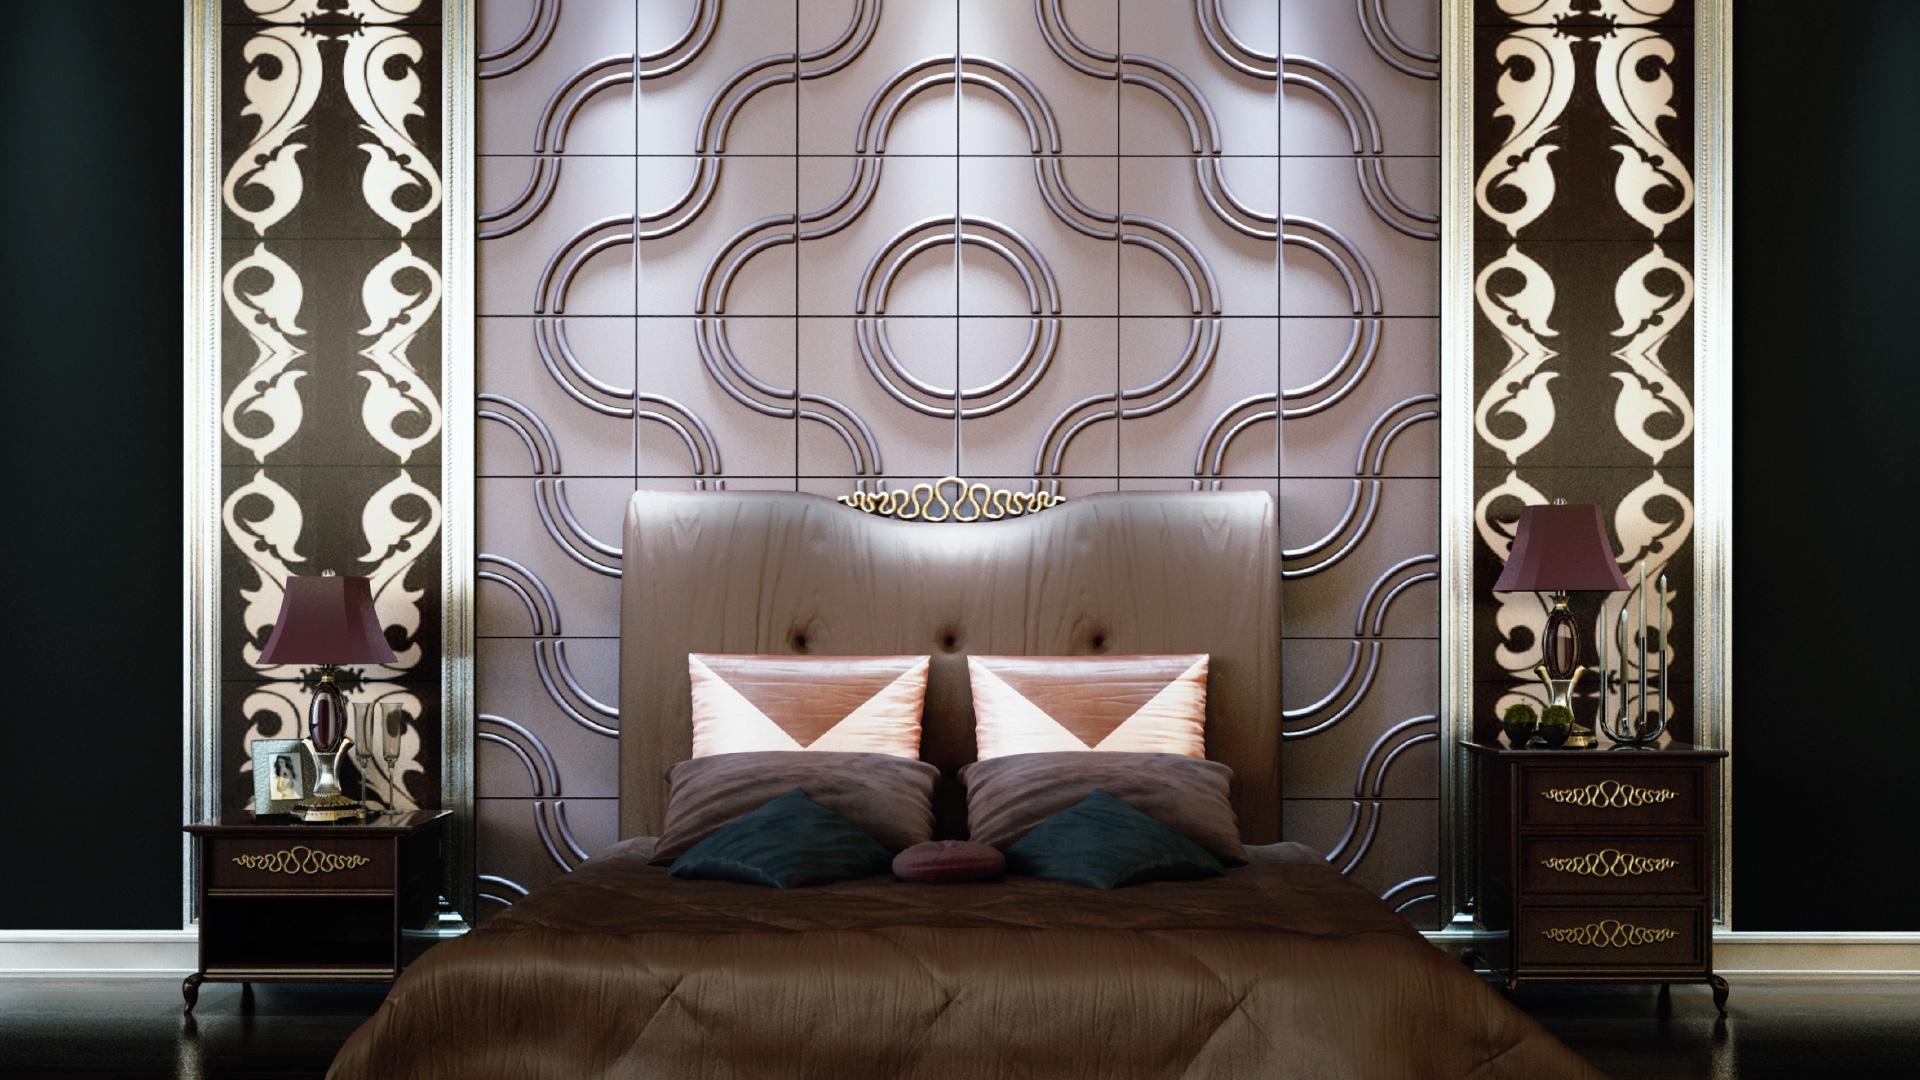 Schlafzimmer • 3D Wandpaneele | Deckenpaneele | Wandverkleidung aus ...